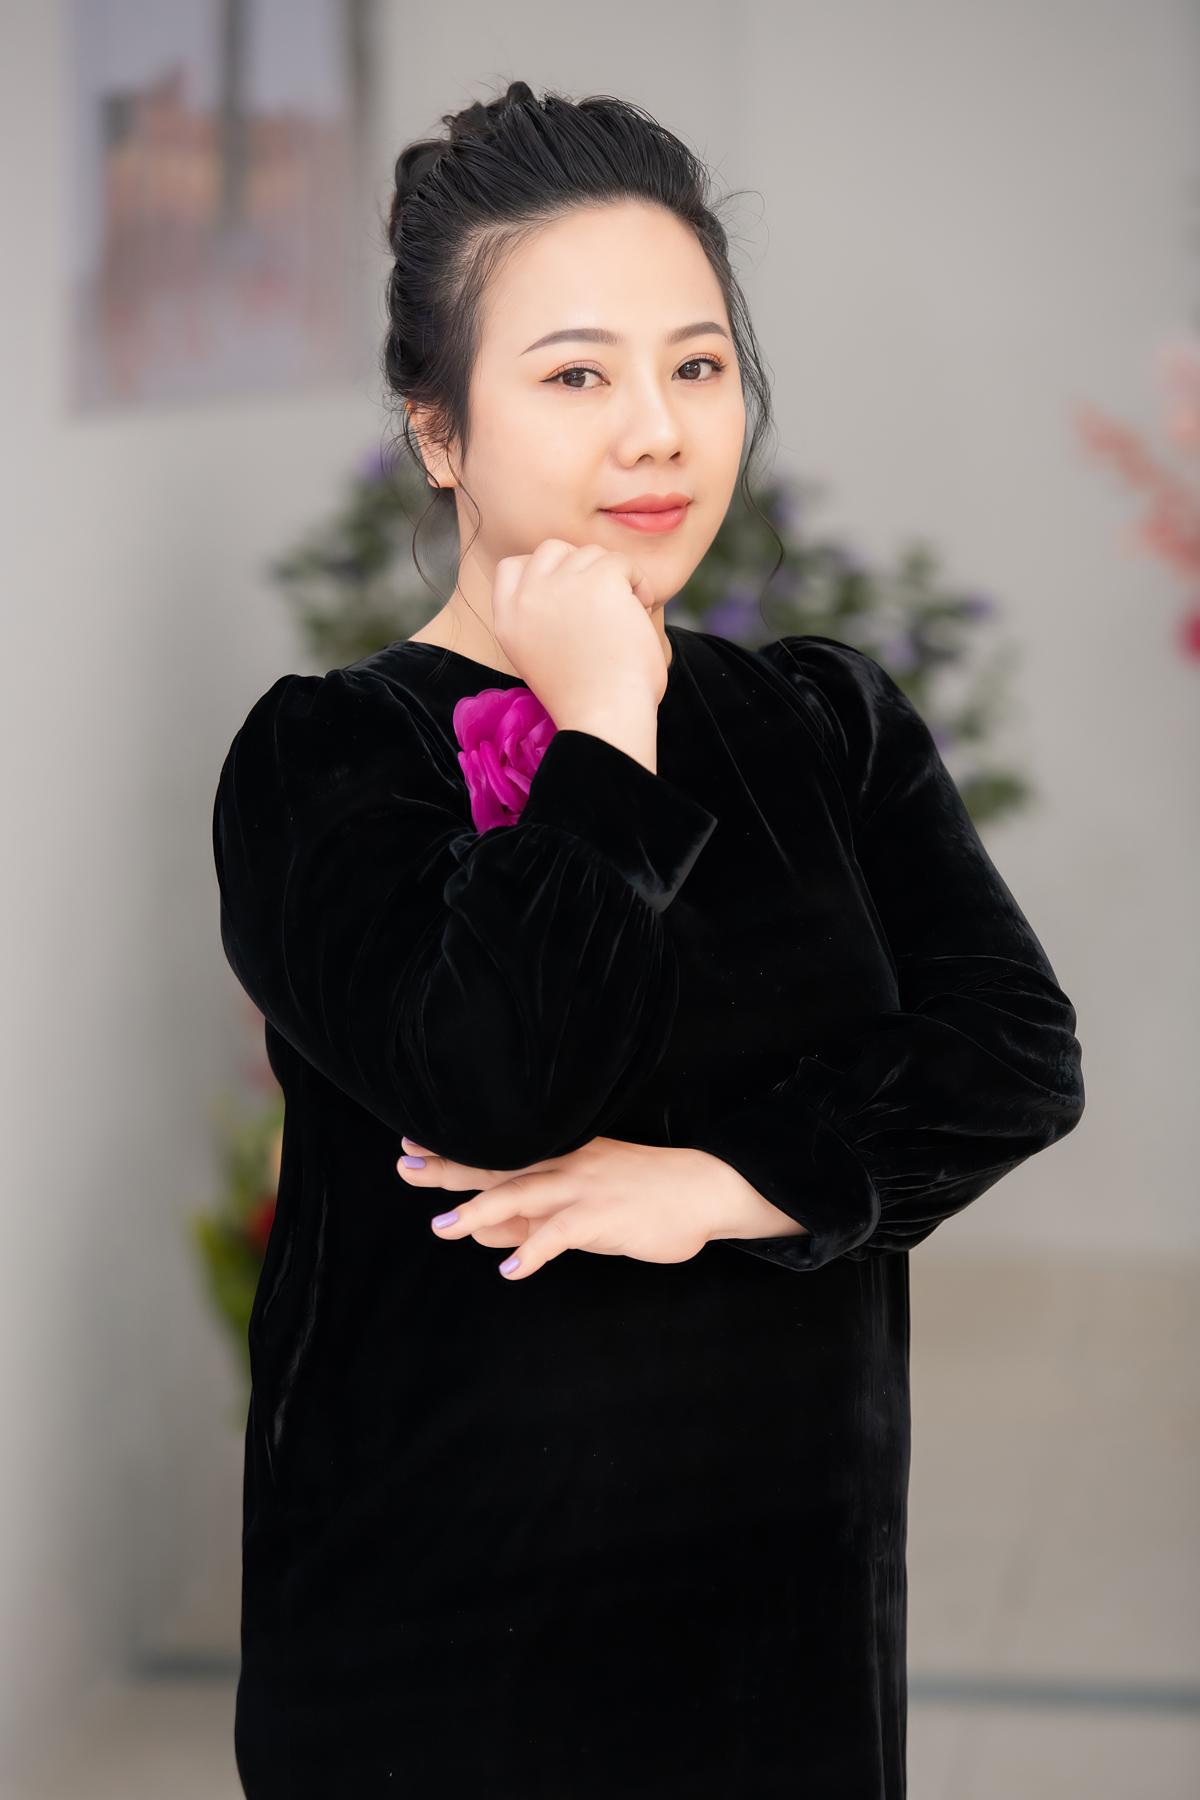 Hiện, doanh nhân Thảo Xinh sở hữu 9 cơ sở spa trên toàn quốc.